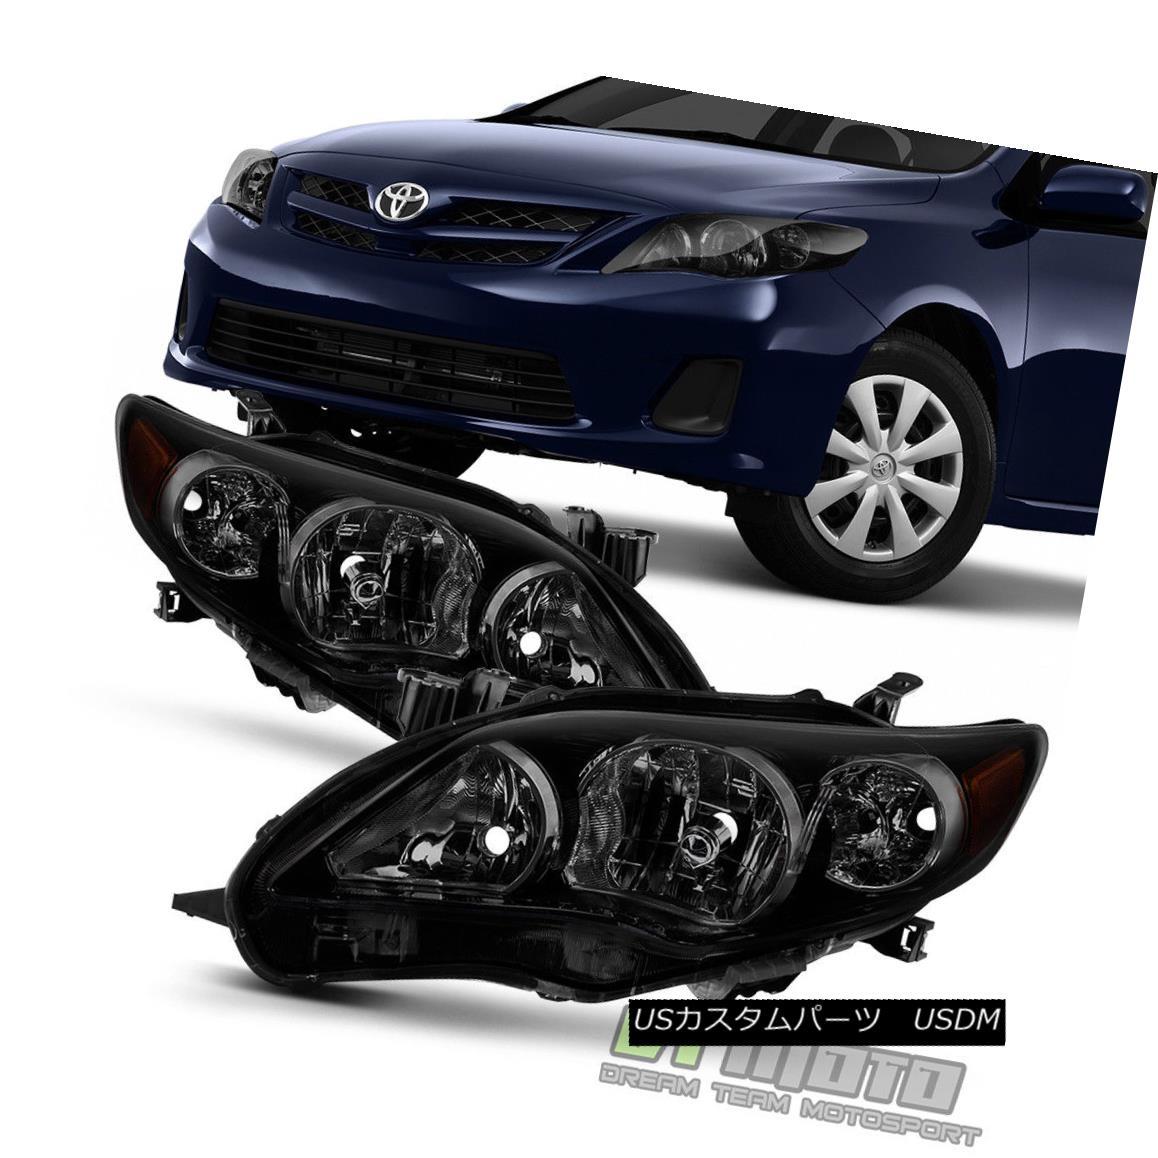 ヘッドライト Black Housing Smoke Lens 2011 2012 2013 Toyota Corolla Headlights Headlamps Pair ブラックハウジングスモークレンズ2011 2012 2013トヨタカローラヘッドライトヘッドランプペア